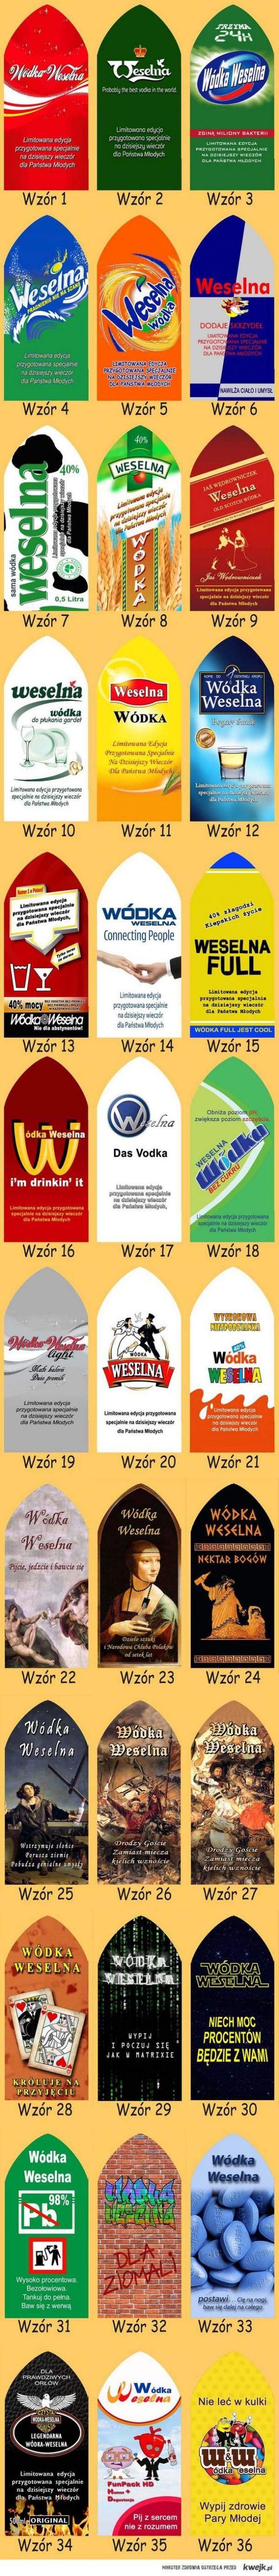 Smieszne Naklejki Na Wodke Weselna With Images Wodka Pomysly